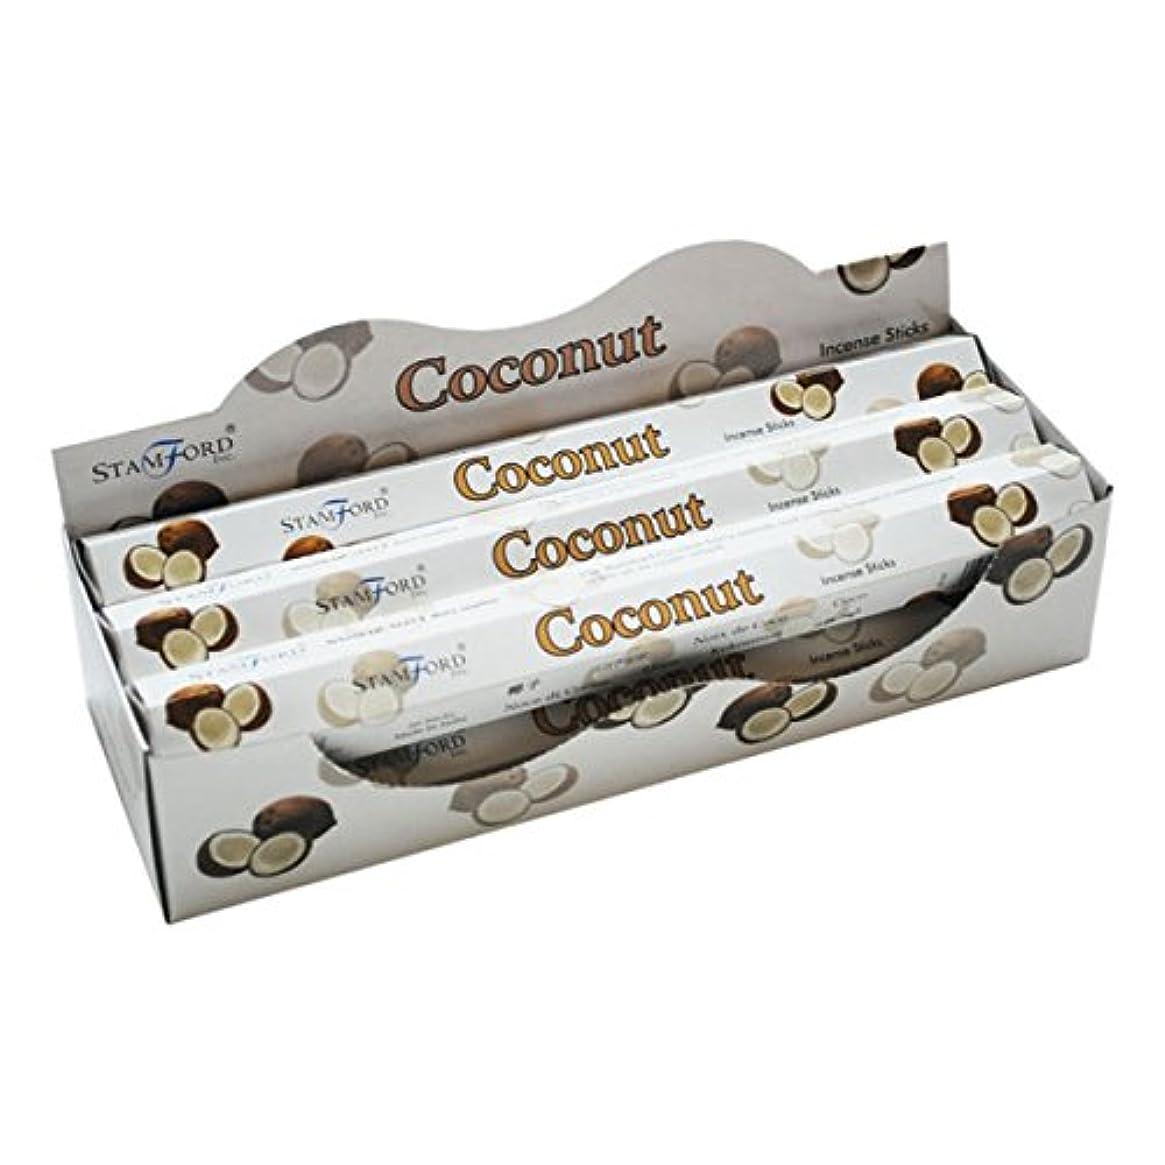 多年生賢い申し込むStamford Coconut Incense, 20 Sticks x 6 Packs by Stamford